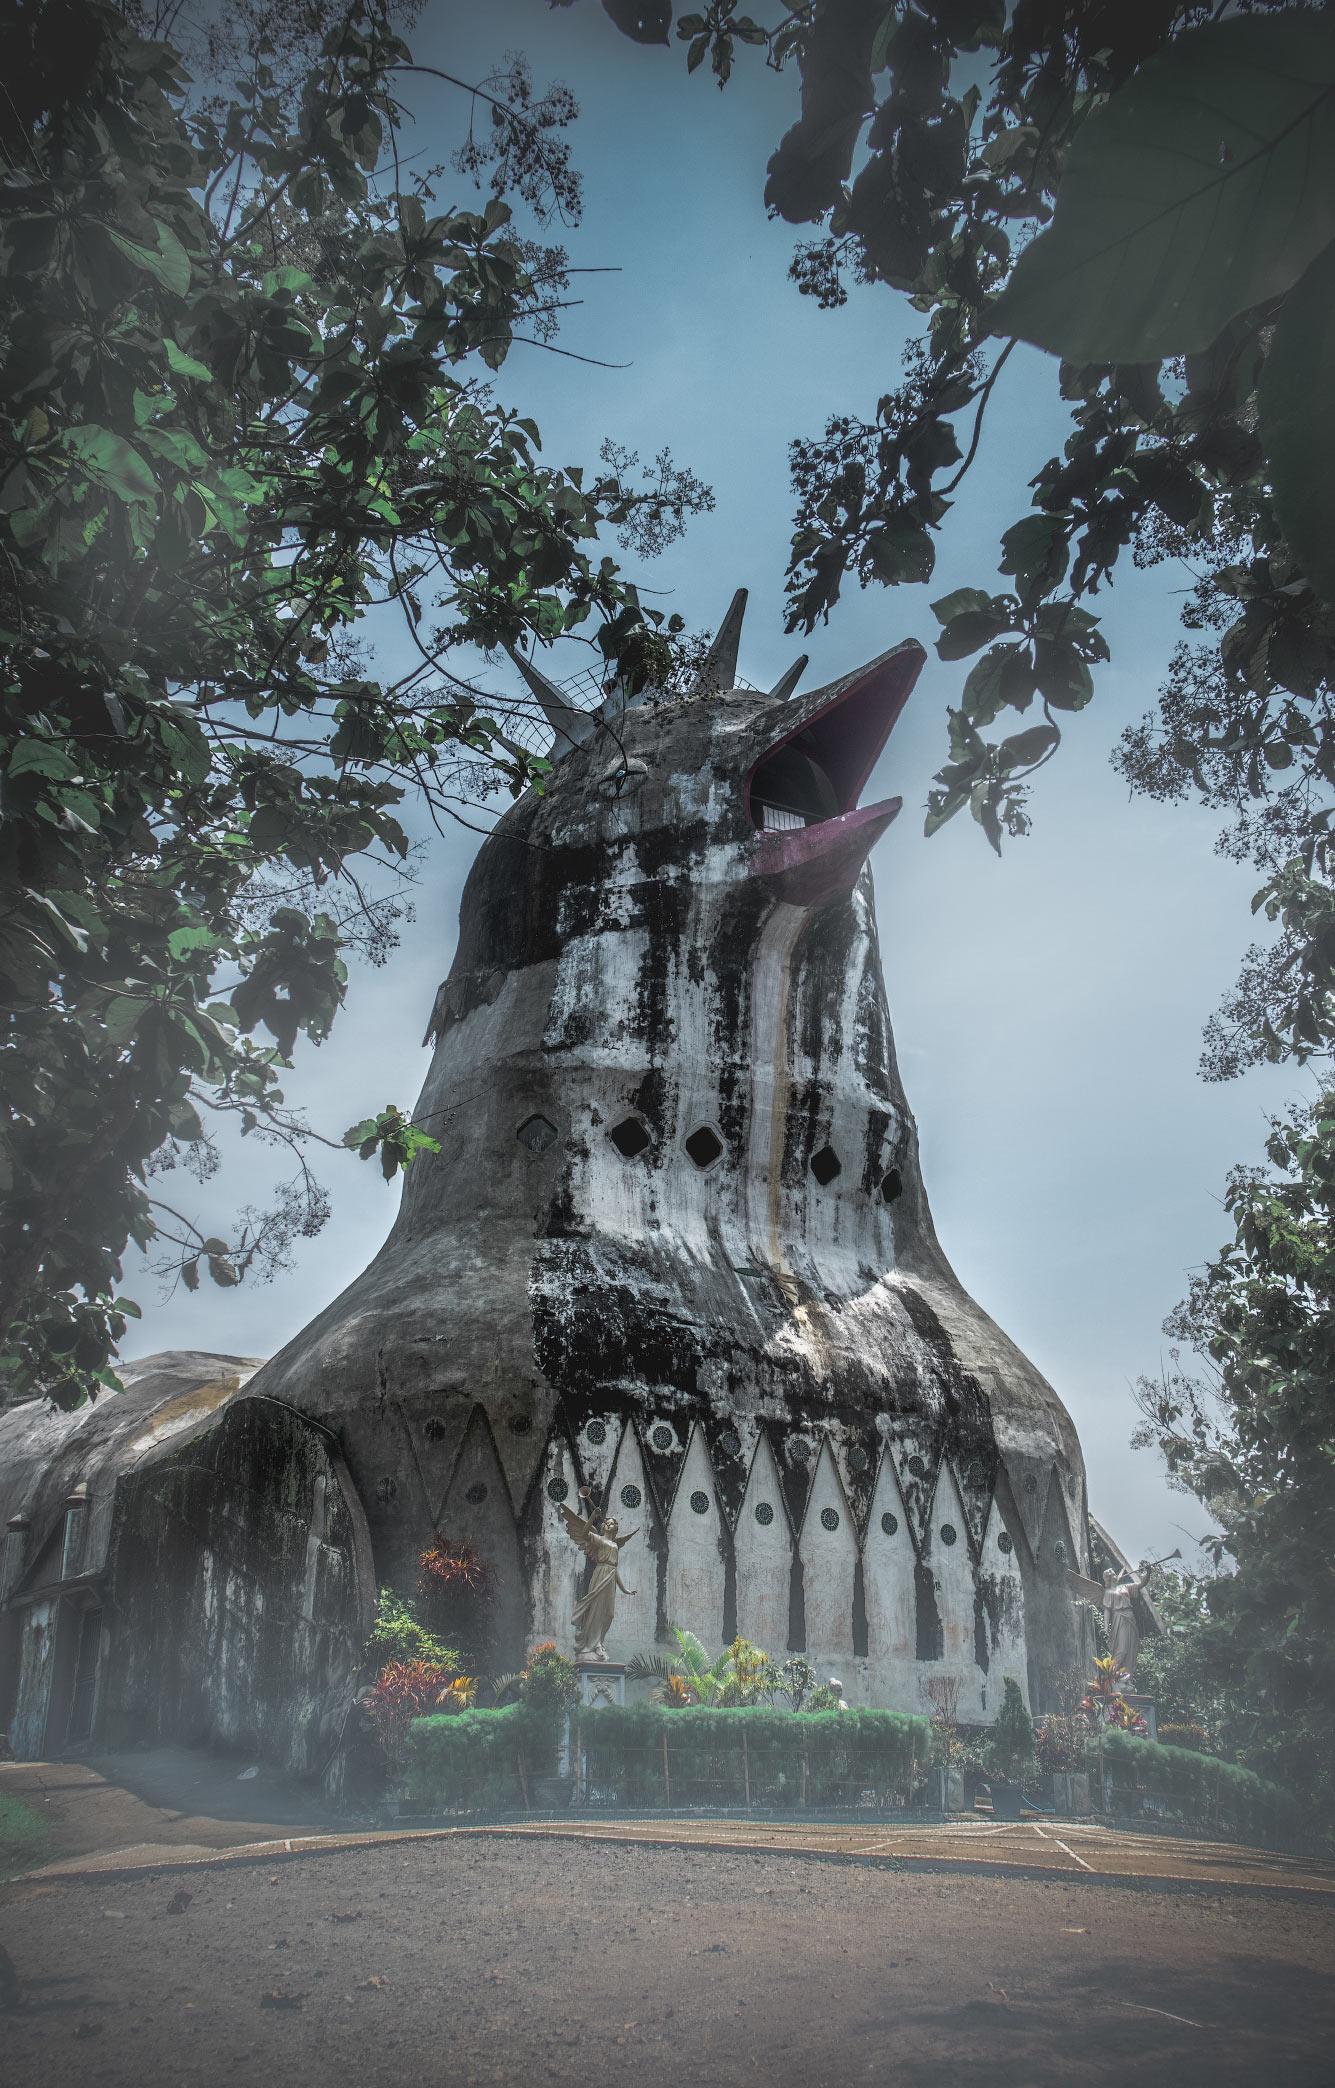 Эта церковь, получившая прозвище «Куриная церковь», находится на острове Ява, Индонезия